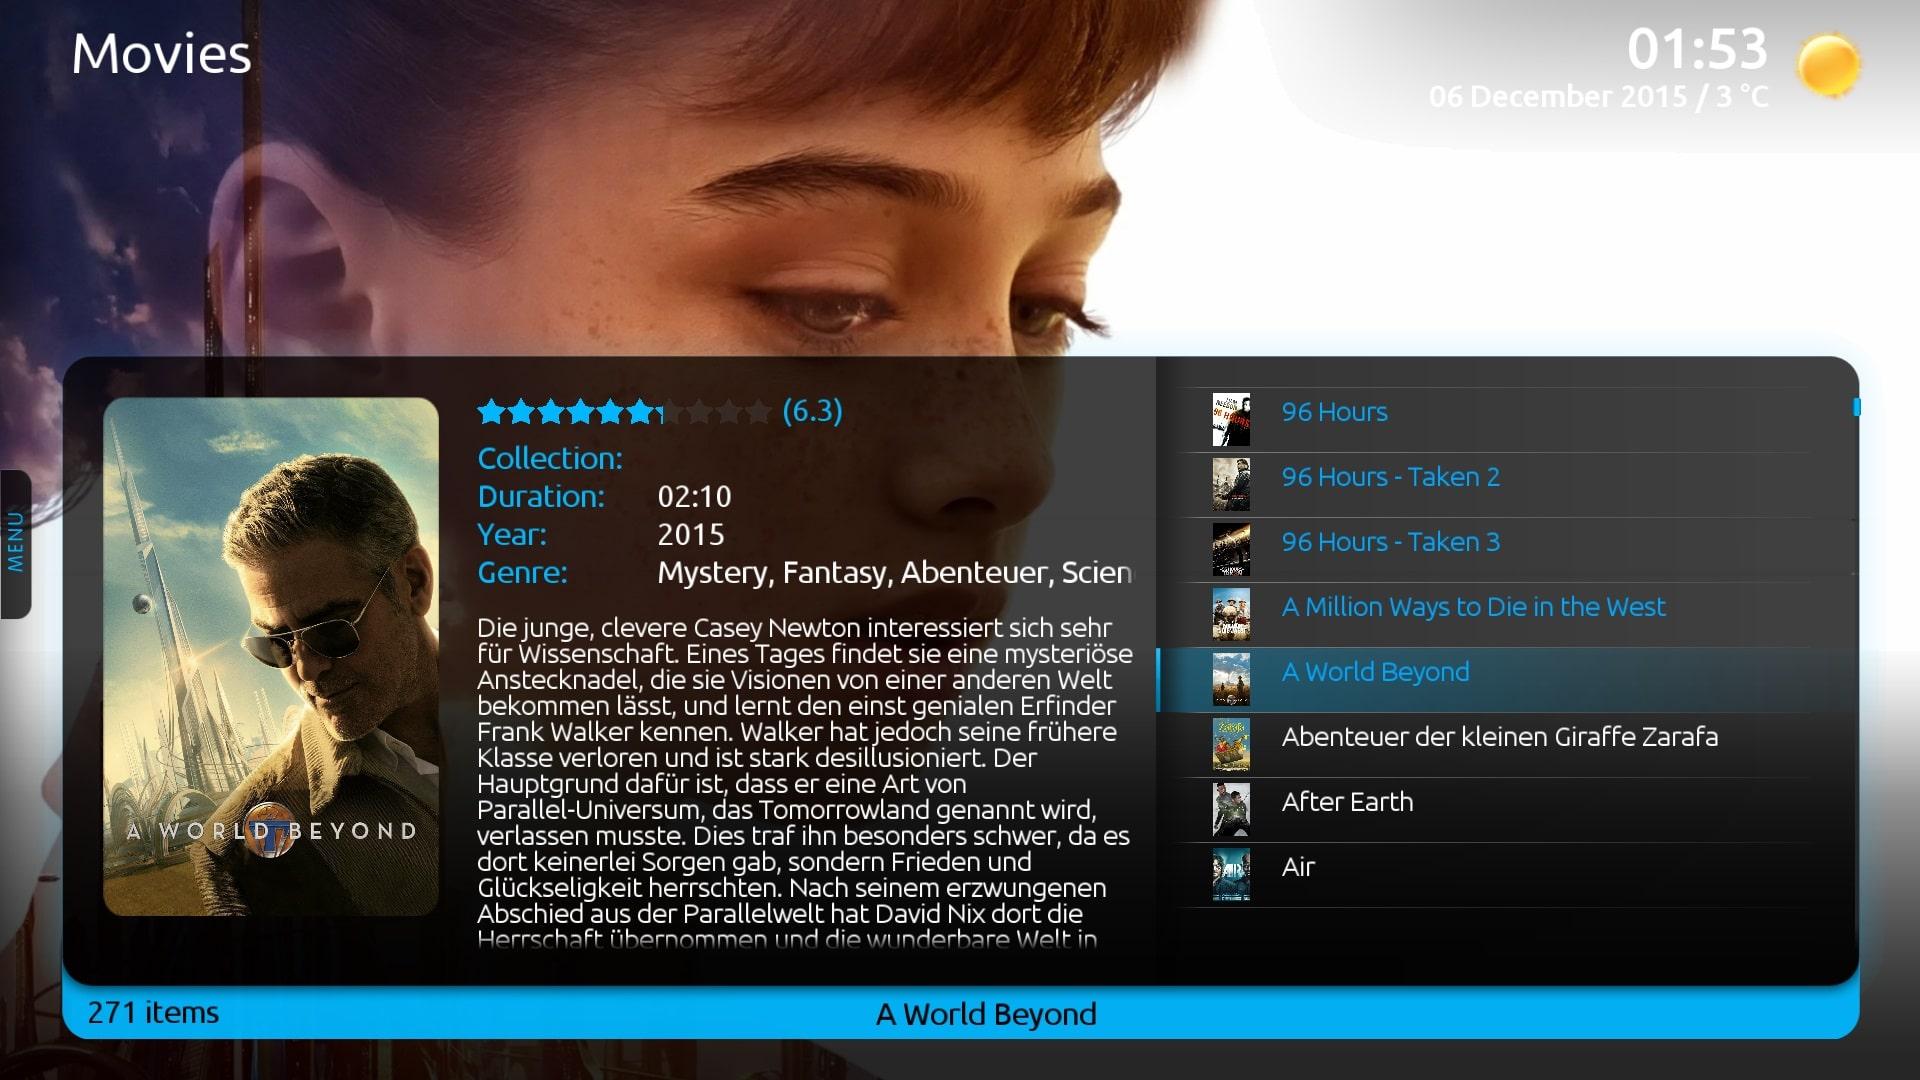 MovieListMedium.jpg